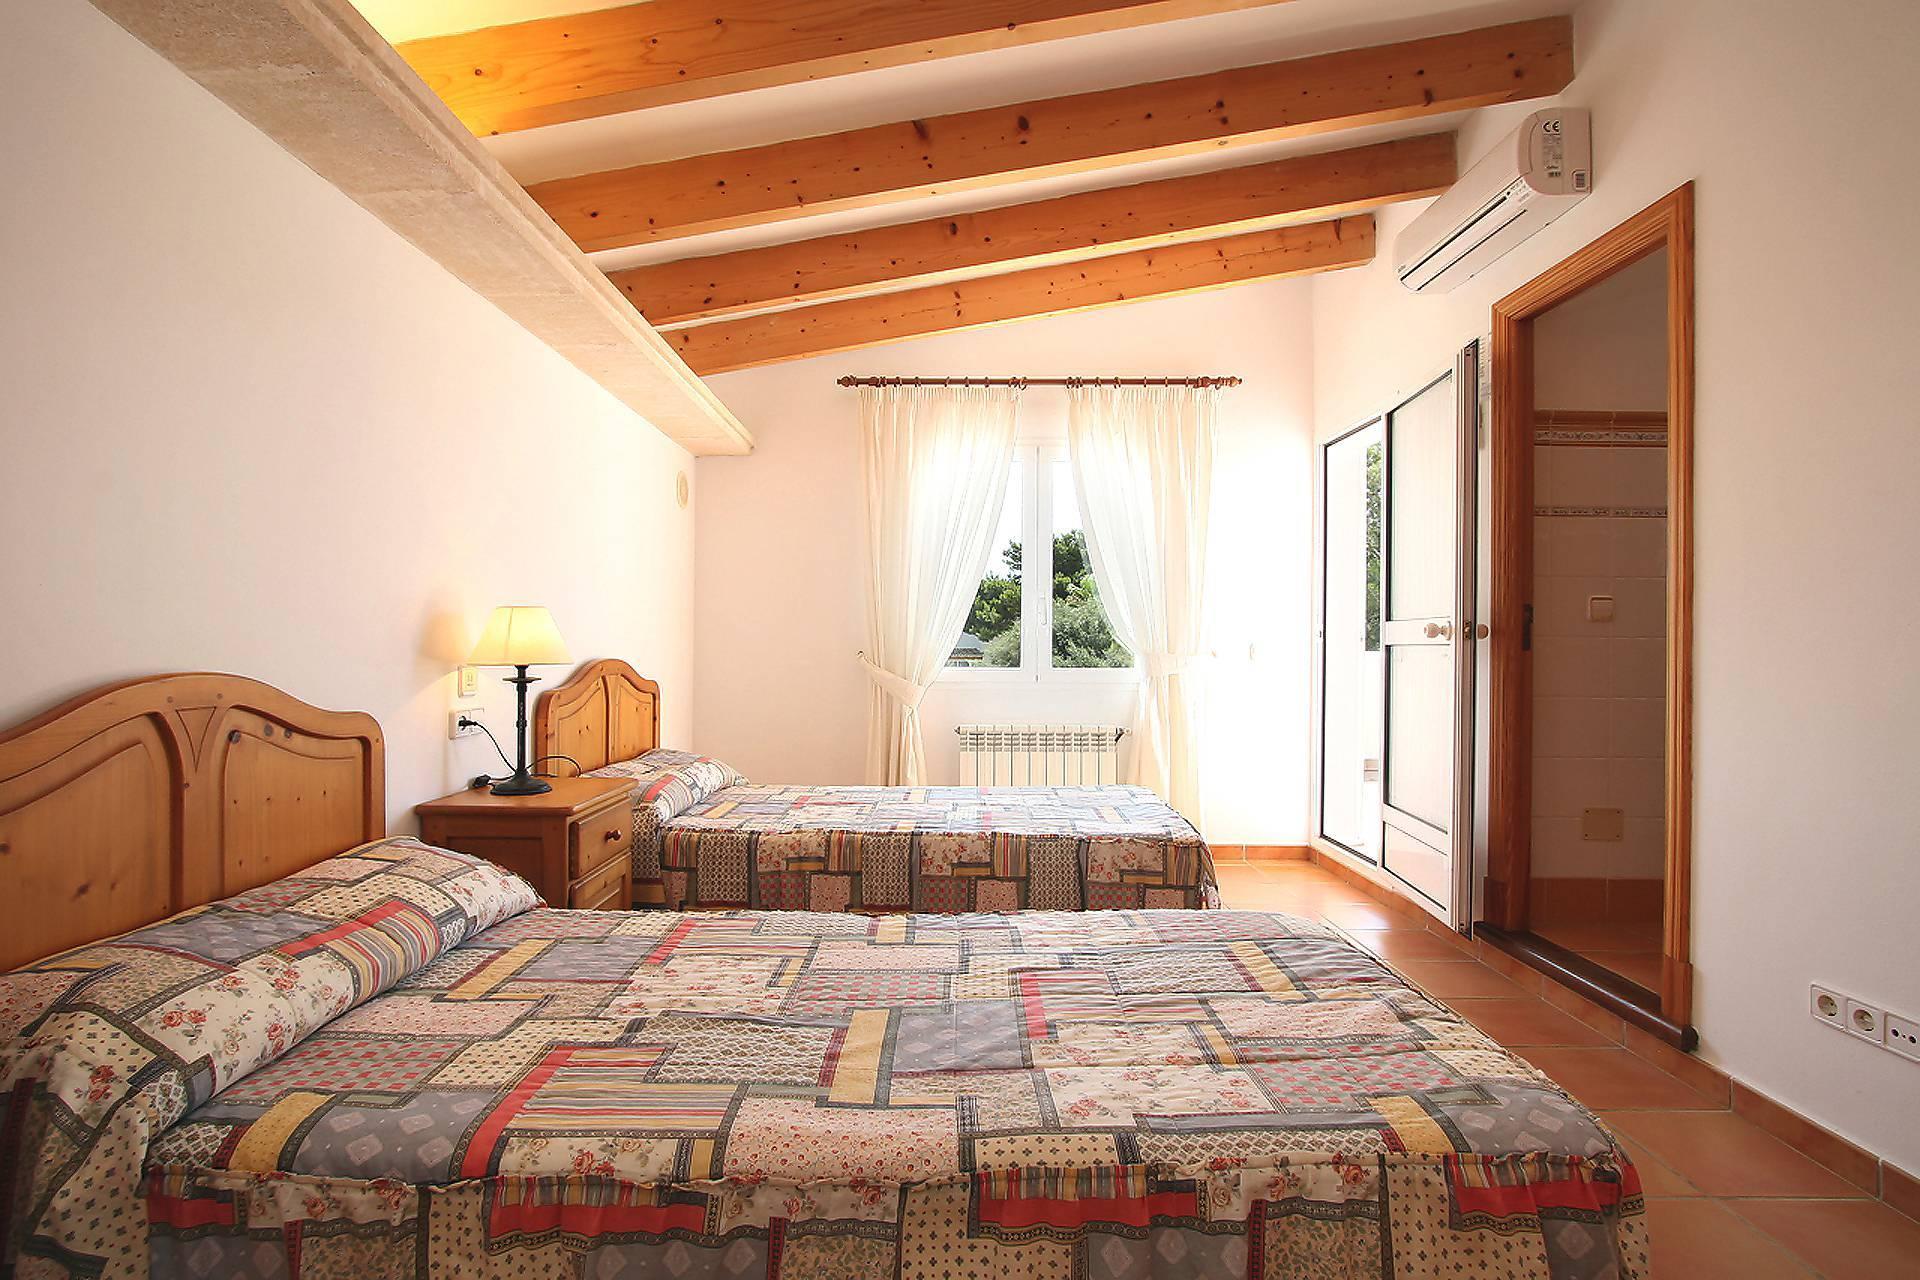 01-128 Rustikales Ferienhaus Mallorca Osten Bild 13